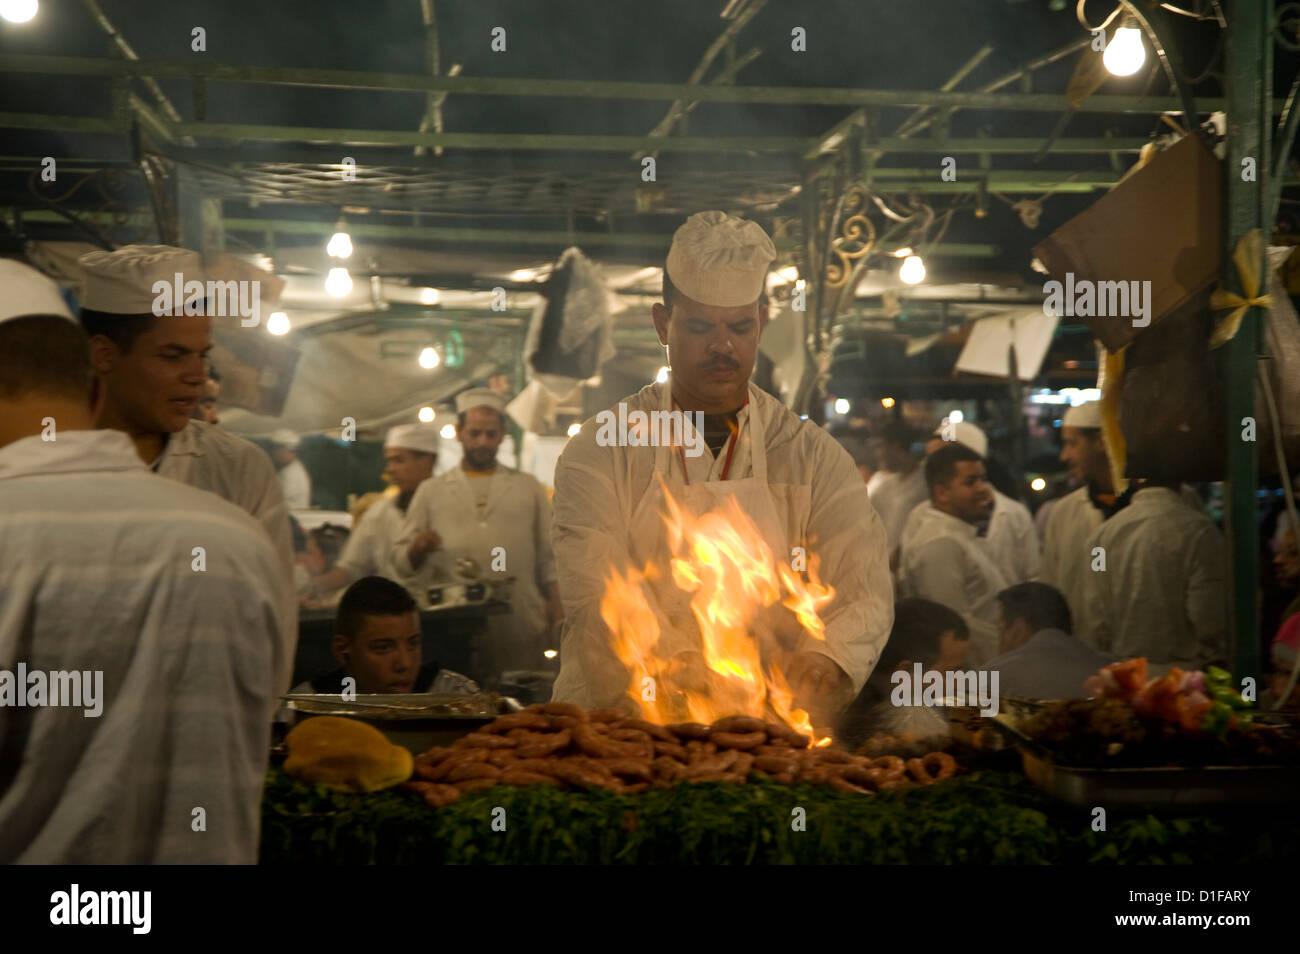 Un chef cocinar carne en puestos de comida en la plaza principal, la plaza Jemaa el Fna en Marrakech, Marruecos, Imagen De Stock